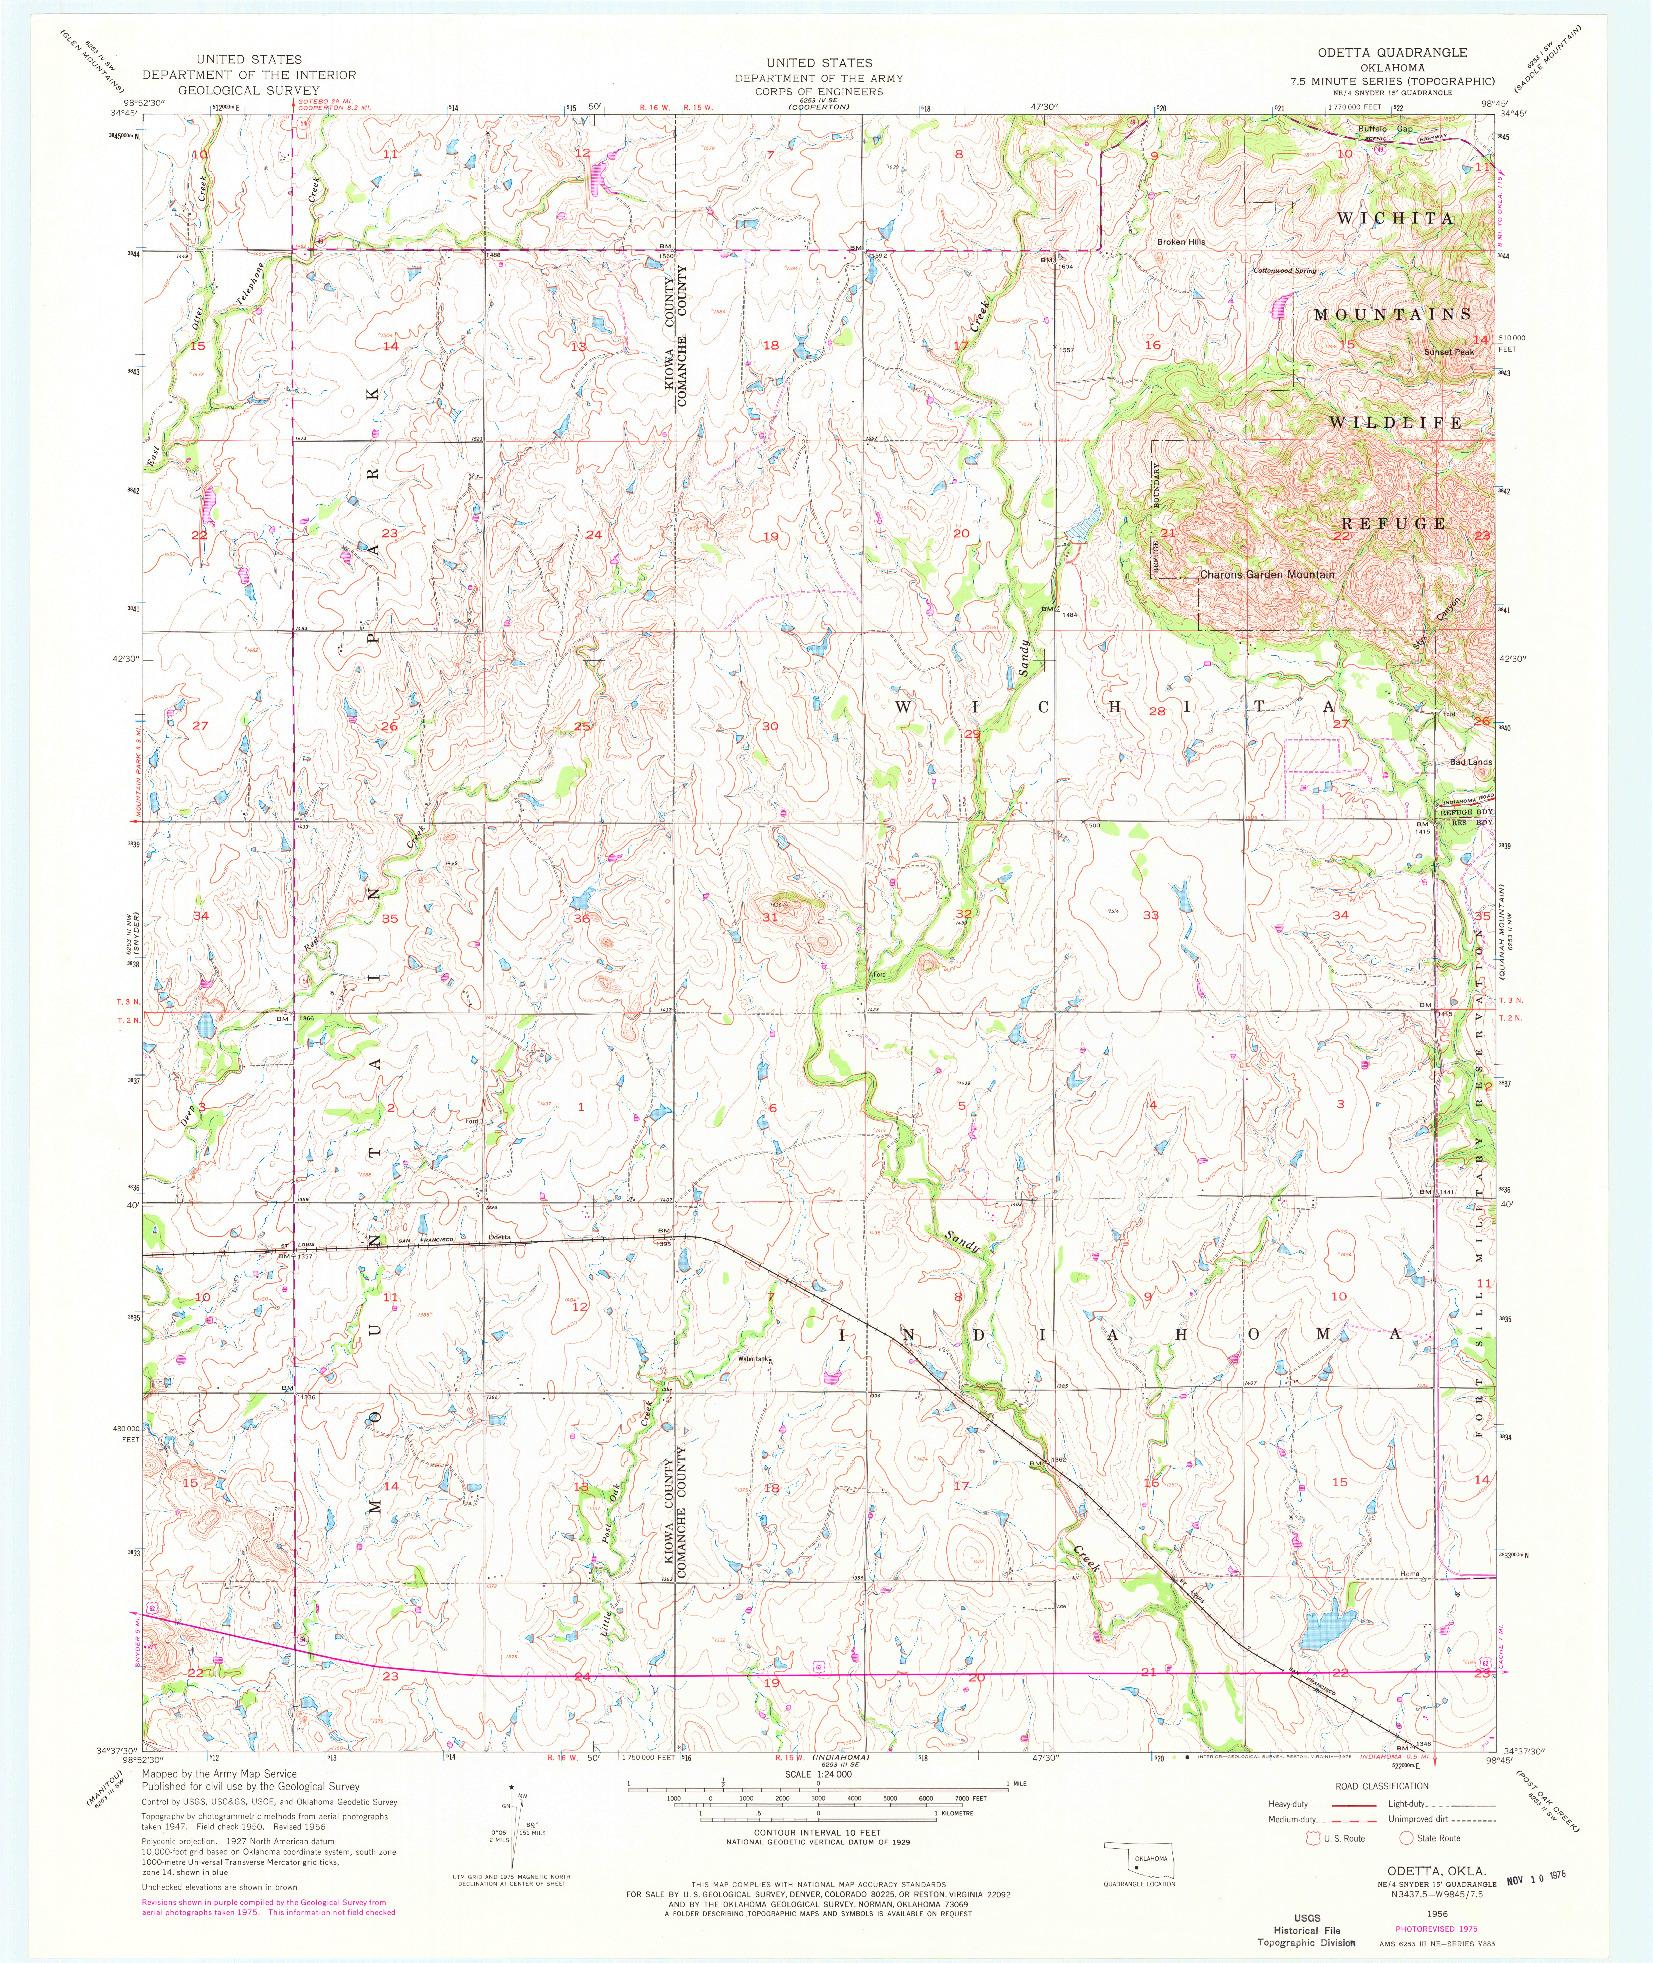 USGS 1:24000-SCALE QUADRANGLE FOR ODETTA, OK 1956